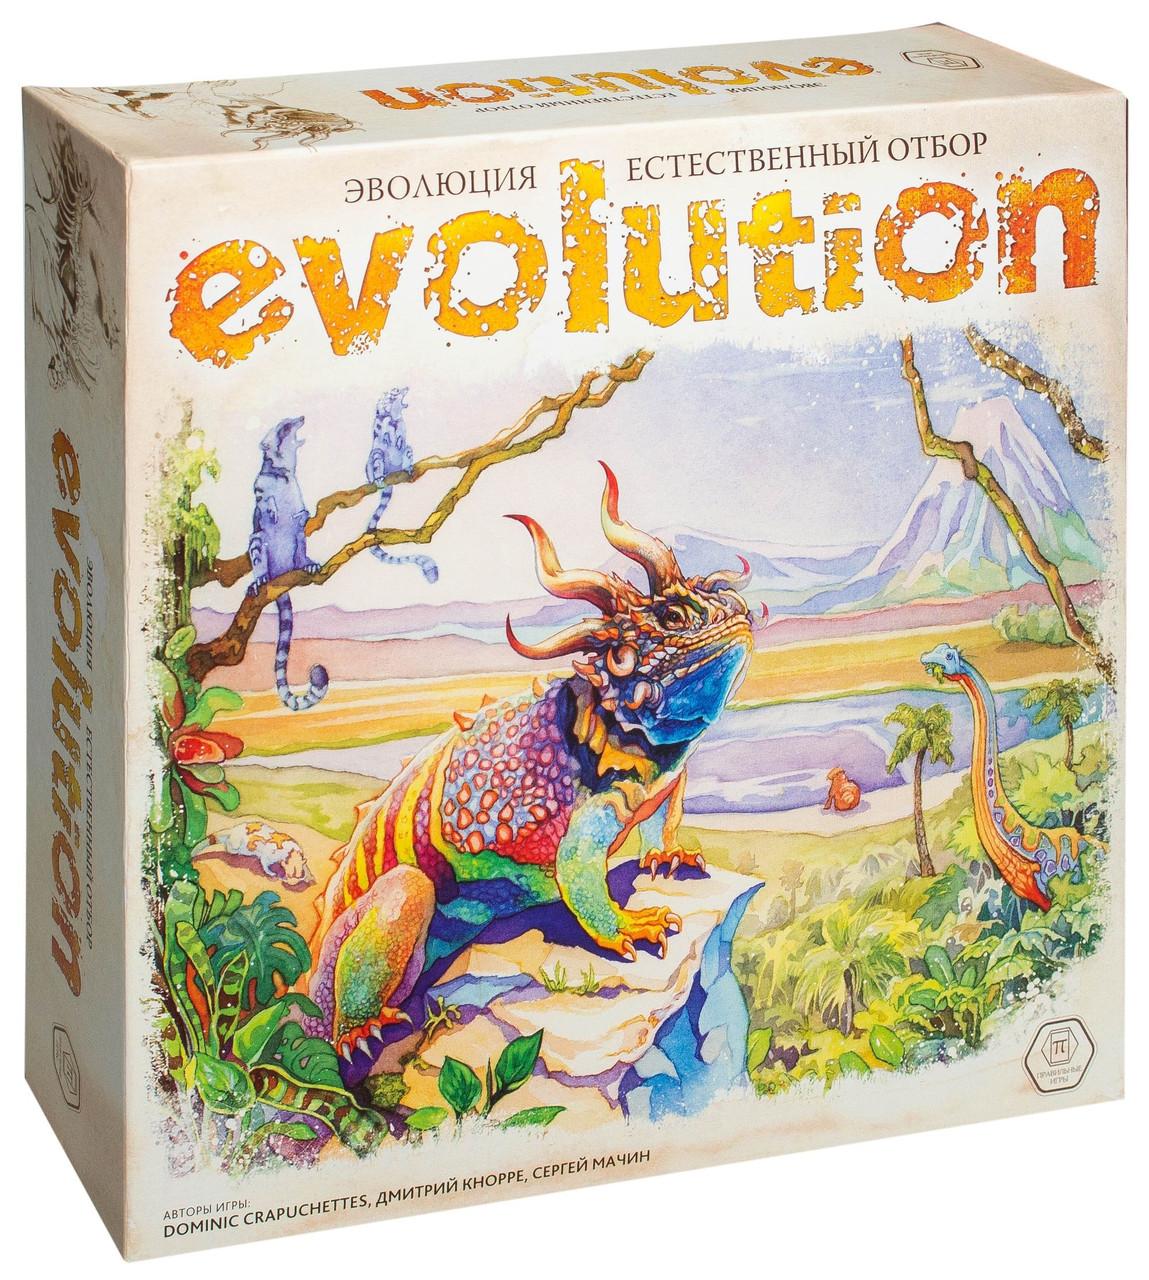 Эволюция Естественный отбор (Evolution) настольная игра